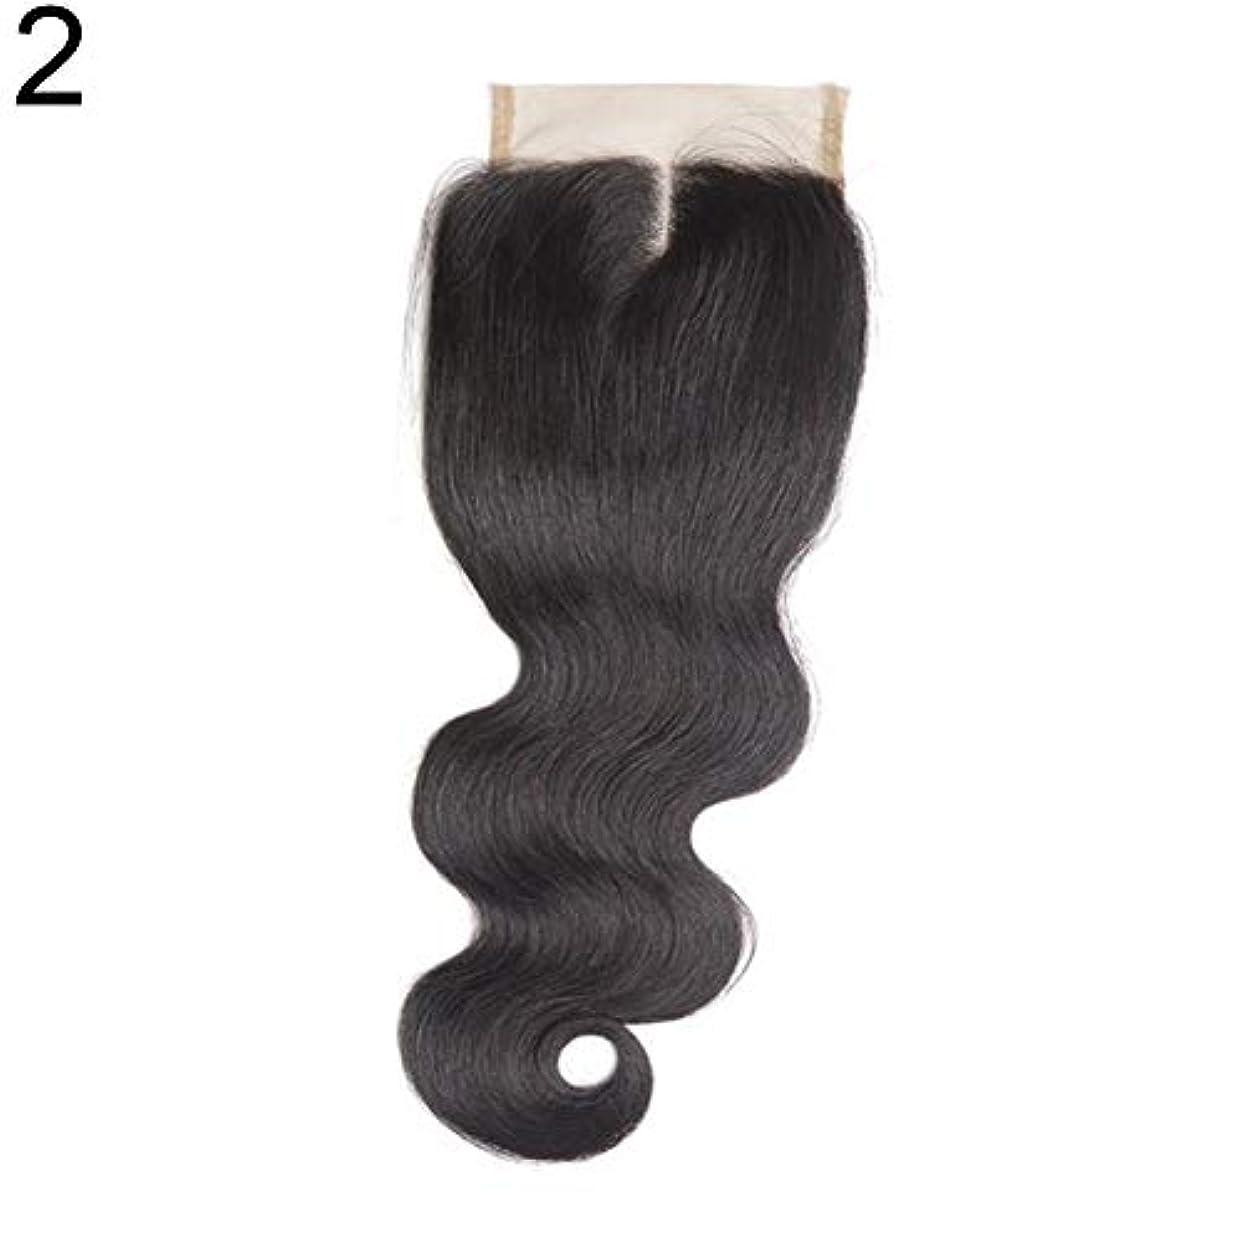 文句を言う洋服嬉しいですslQinjiansav女性ウィッグ修理ツールブラジルのミドル/フリー/3部人間の髪のレース閉鎖ウィッグ黒ヘアピース